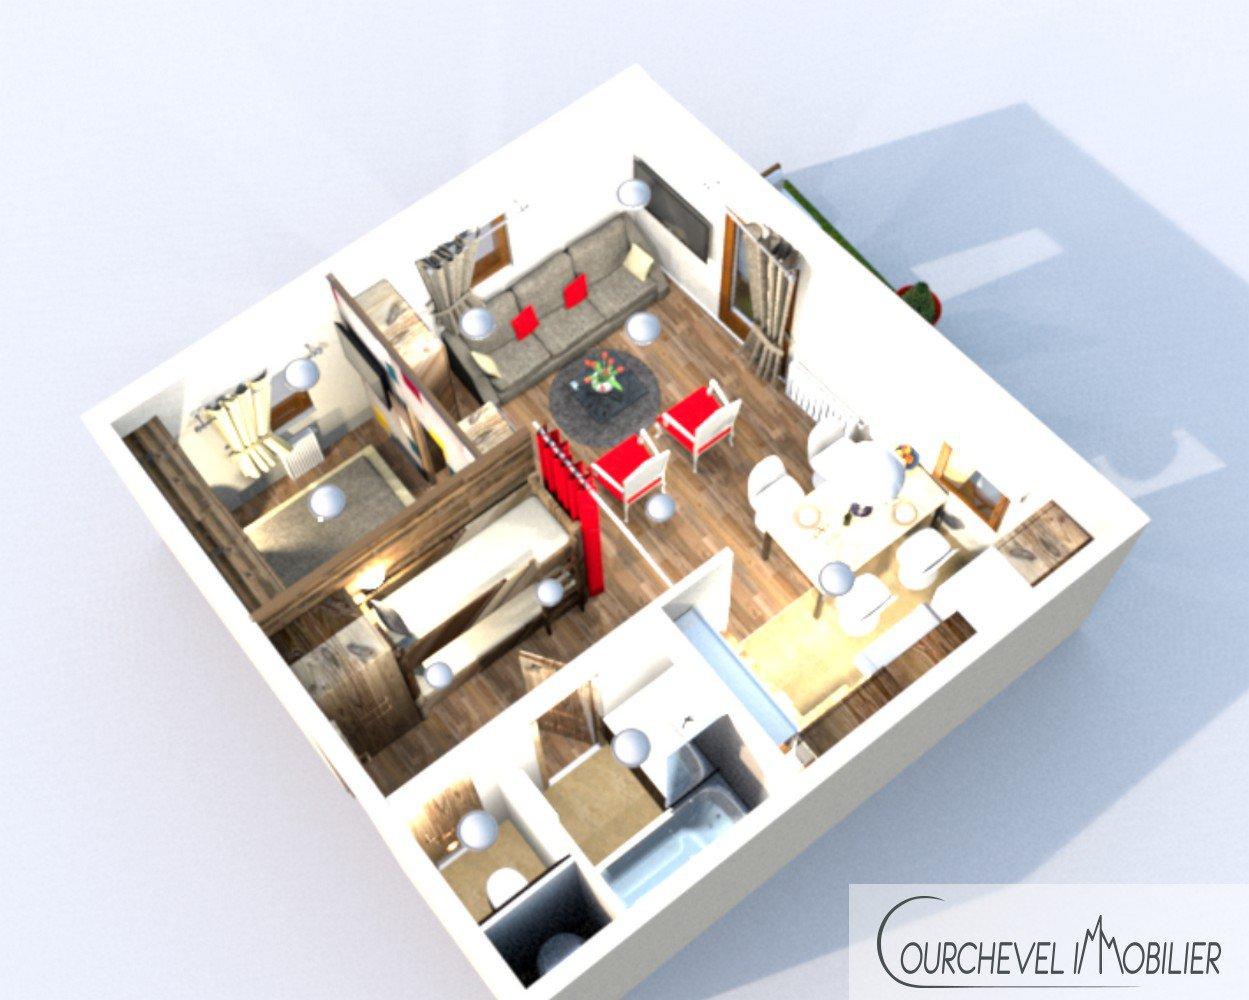 Verkoop Appartement - Courchevel Le Praz